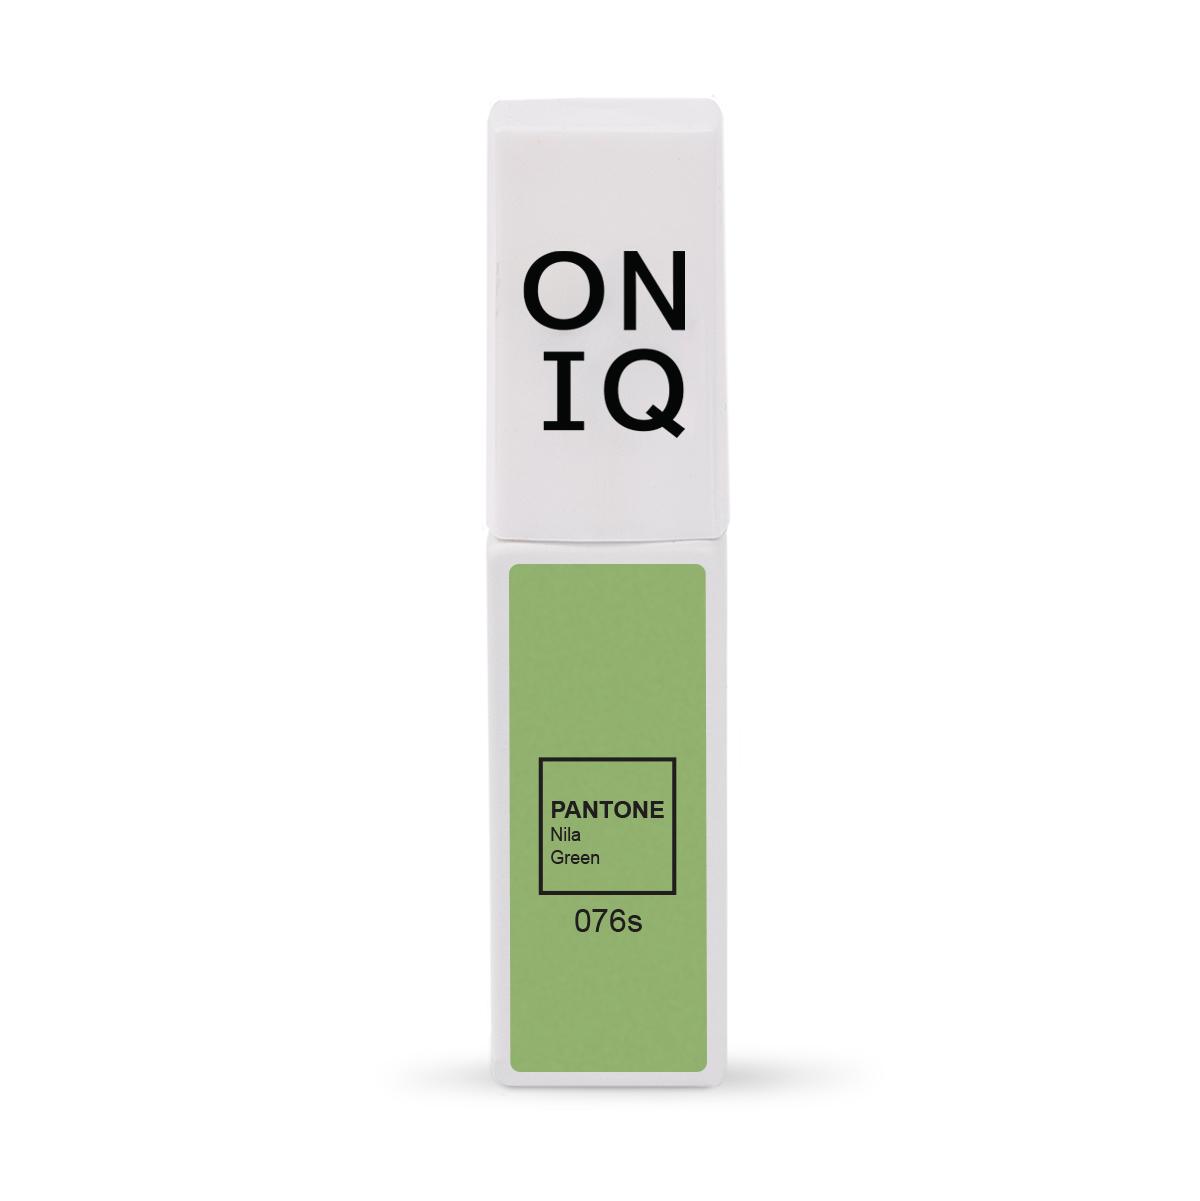 ONIQ Гель-лак для покрытия ногтей, Pantone: Nile green, 6 мл -  Гель-лаки